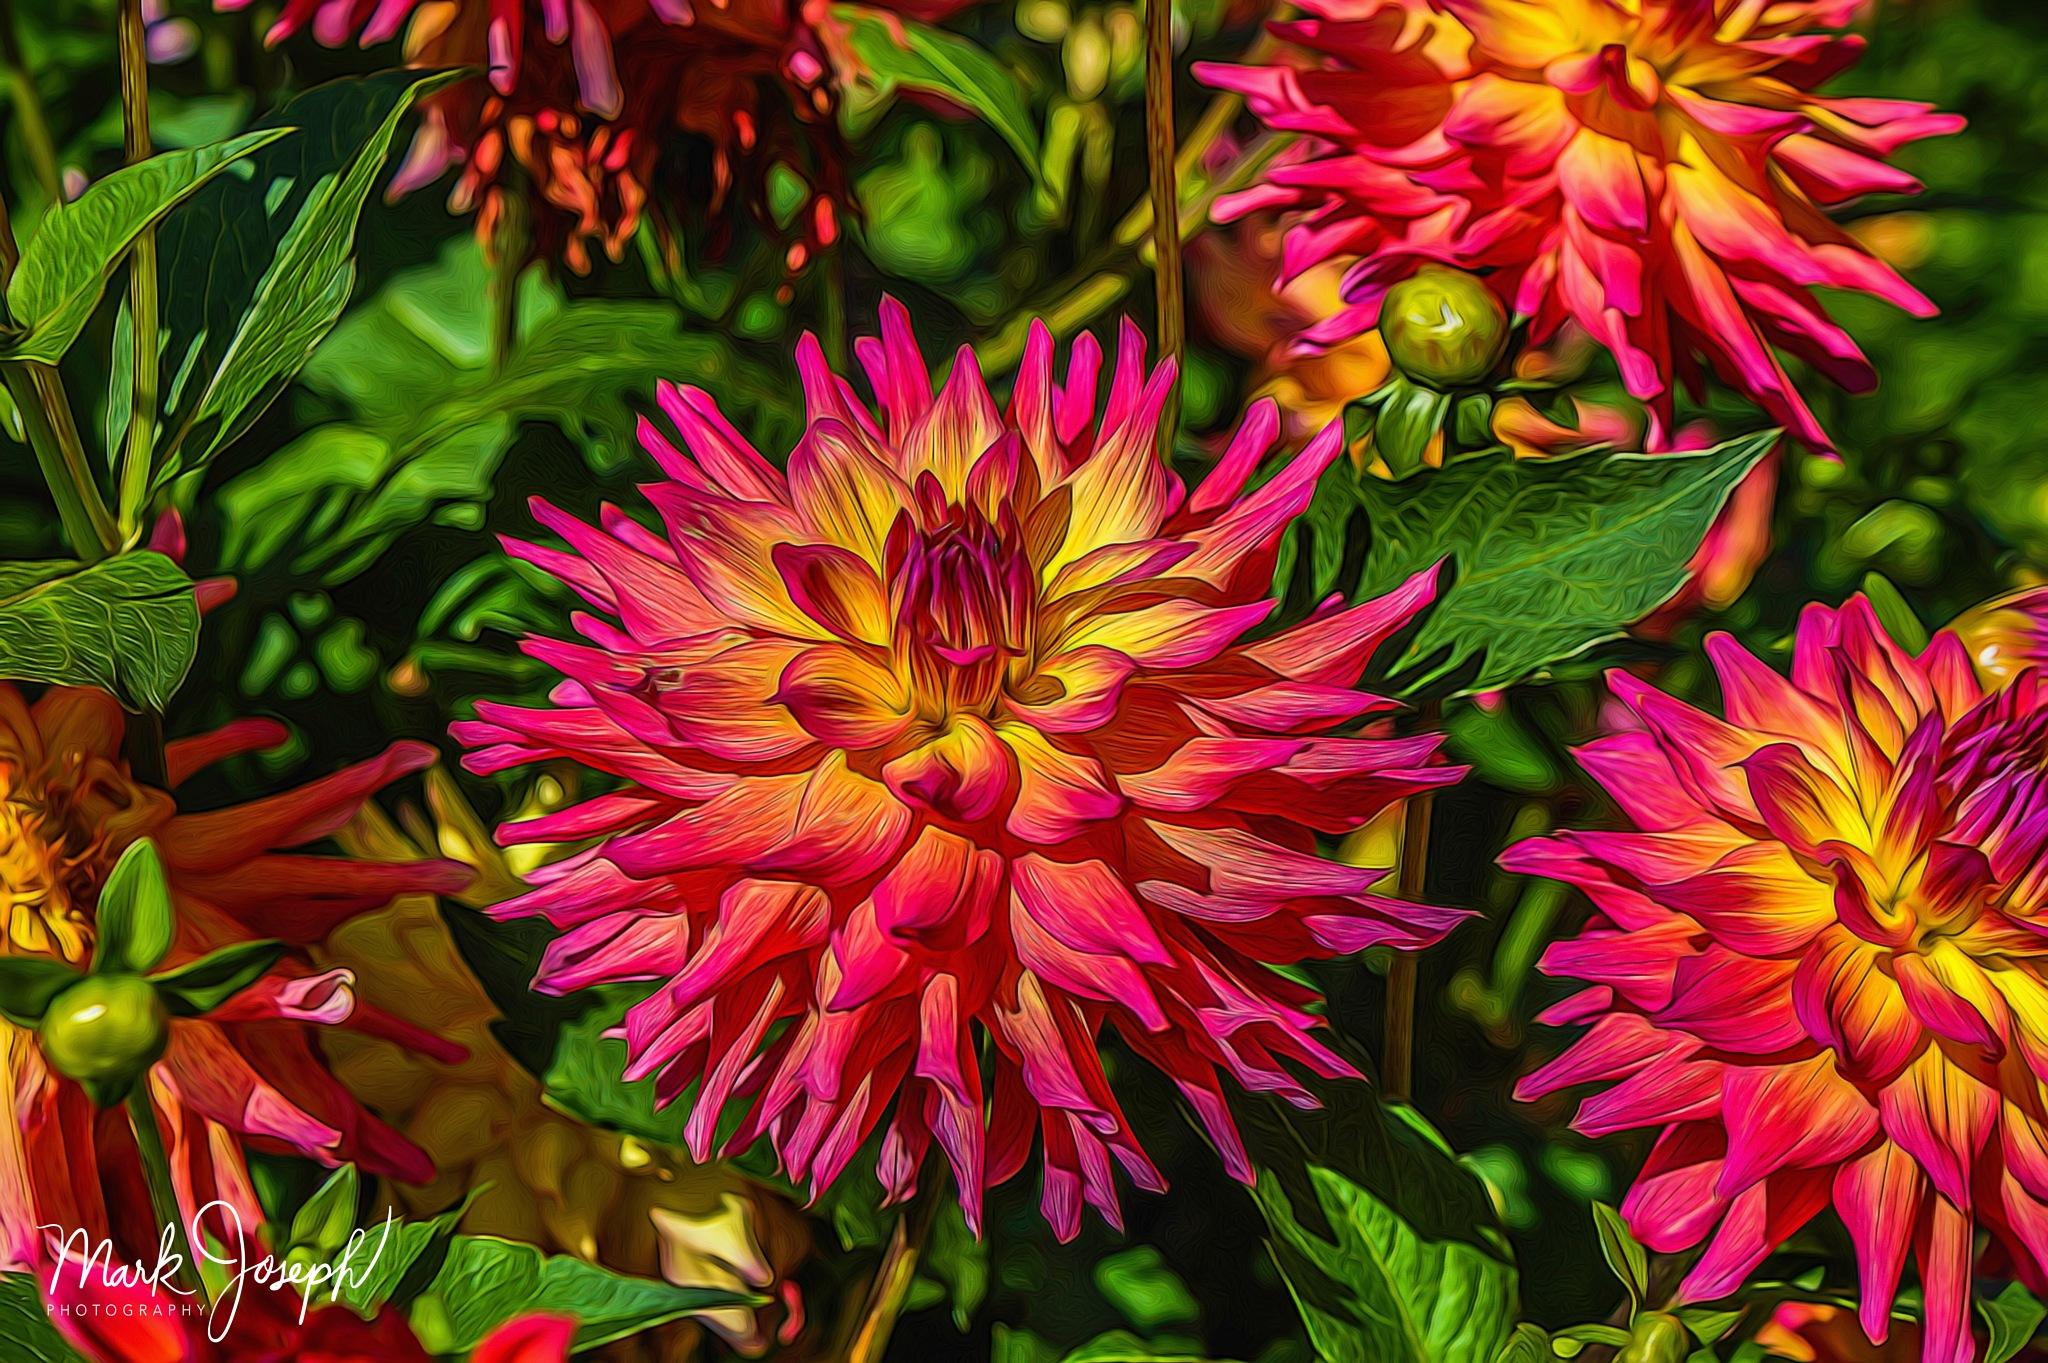 Floral Garden by Mark Joseph